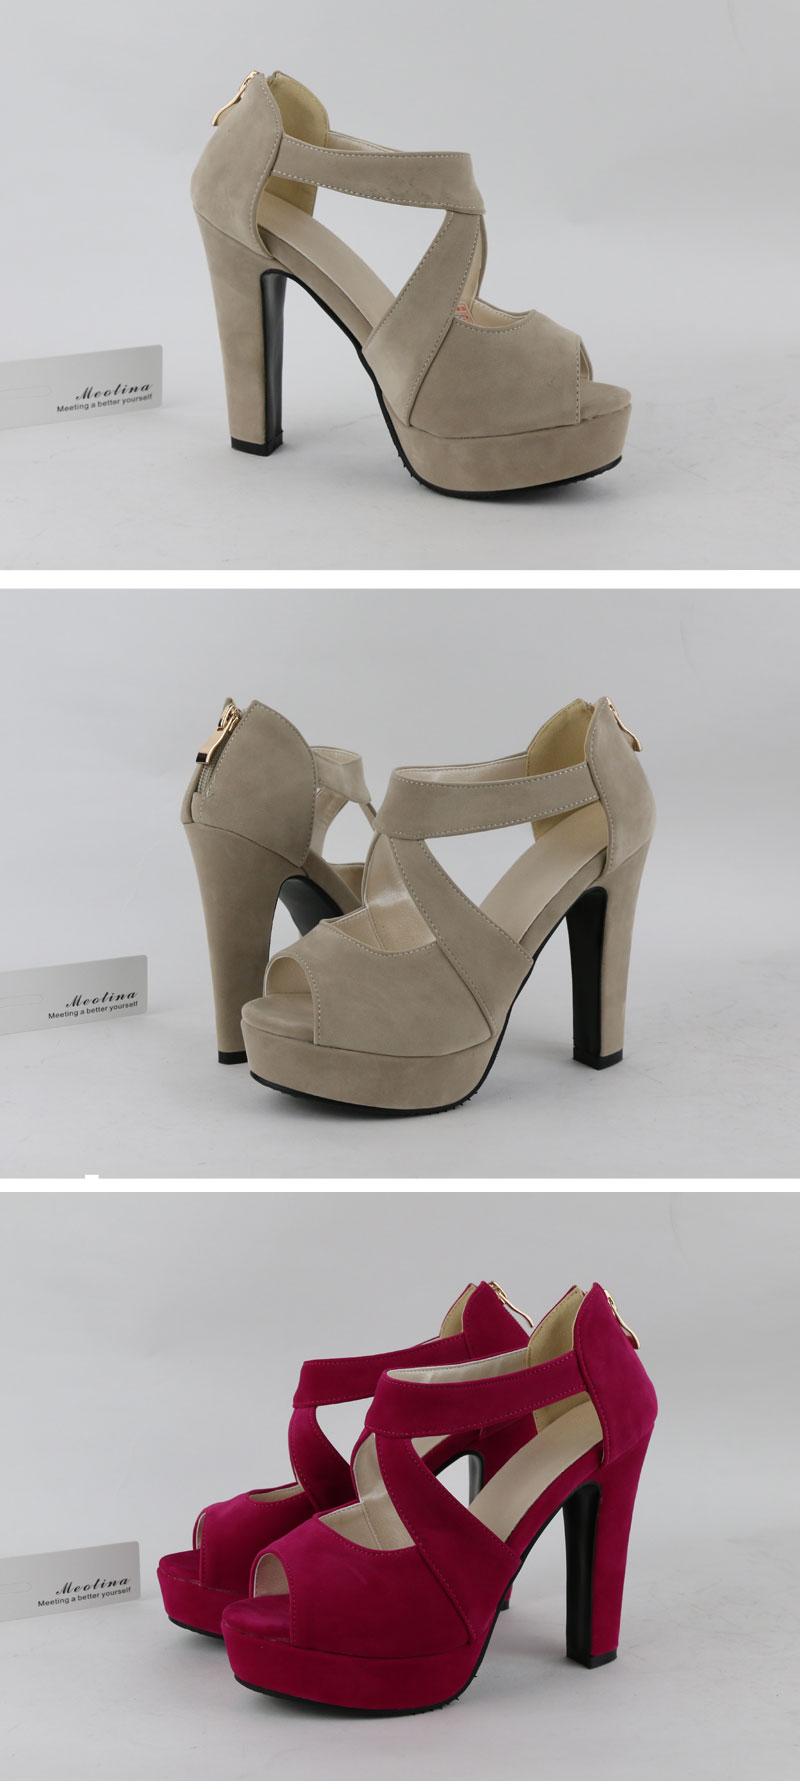 New Women's Platform Sandals, Shoes Cross Strap, High Heel Sandals 10